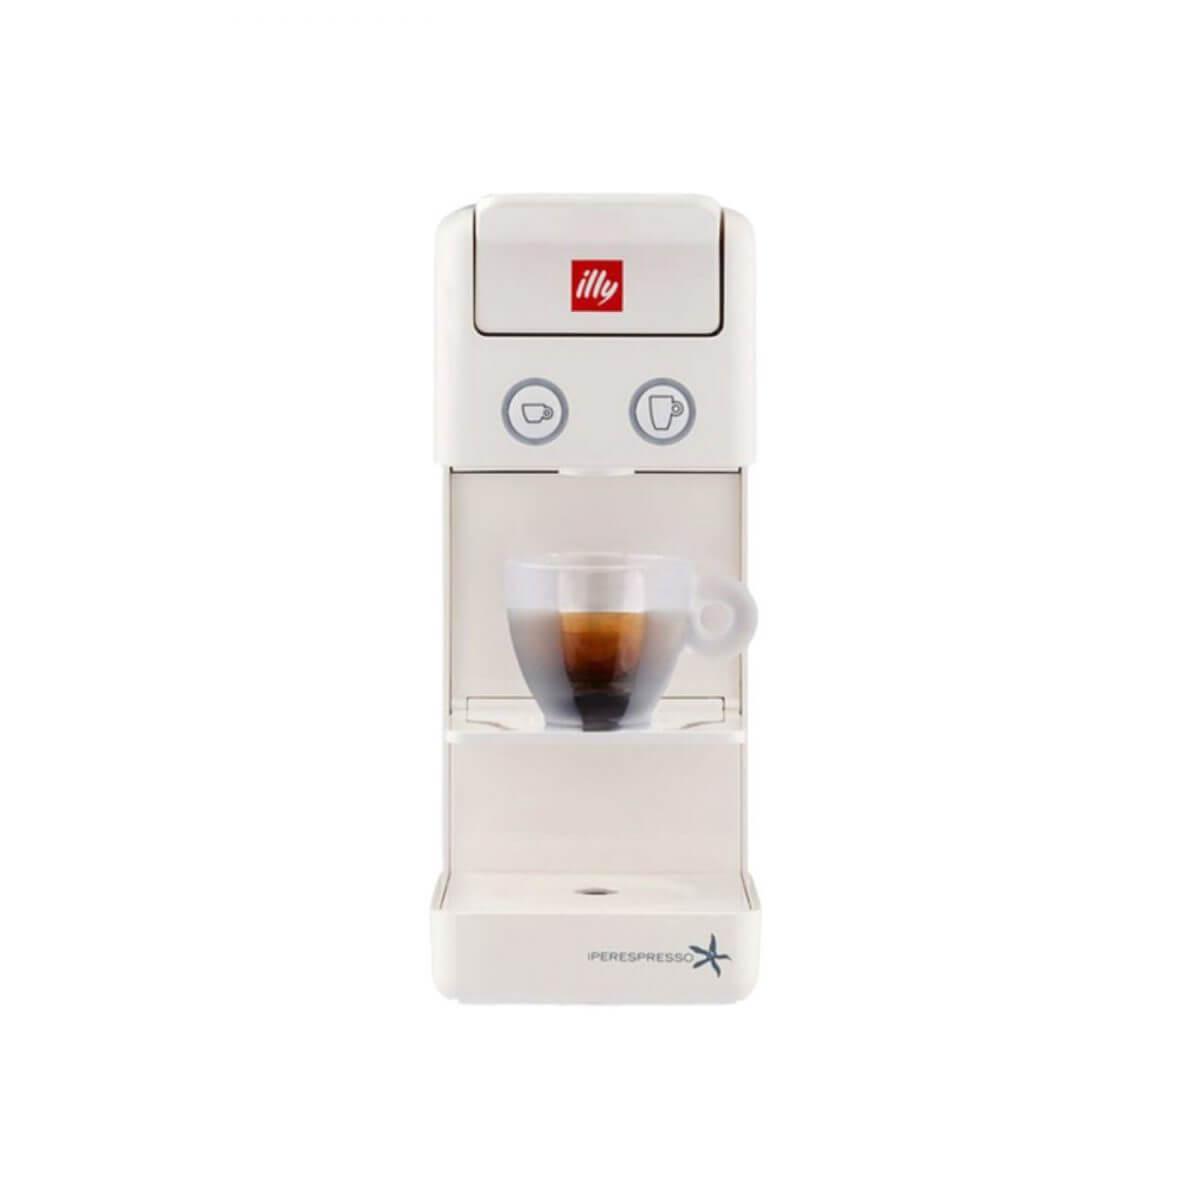 Y3.2 Espresso & Coffee wit – Iperespresso koffiemachine